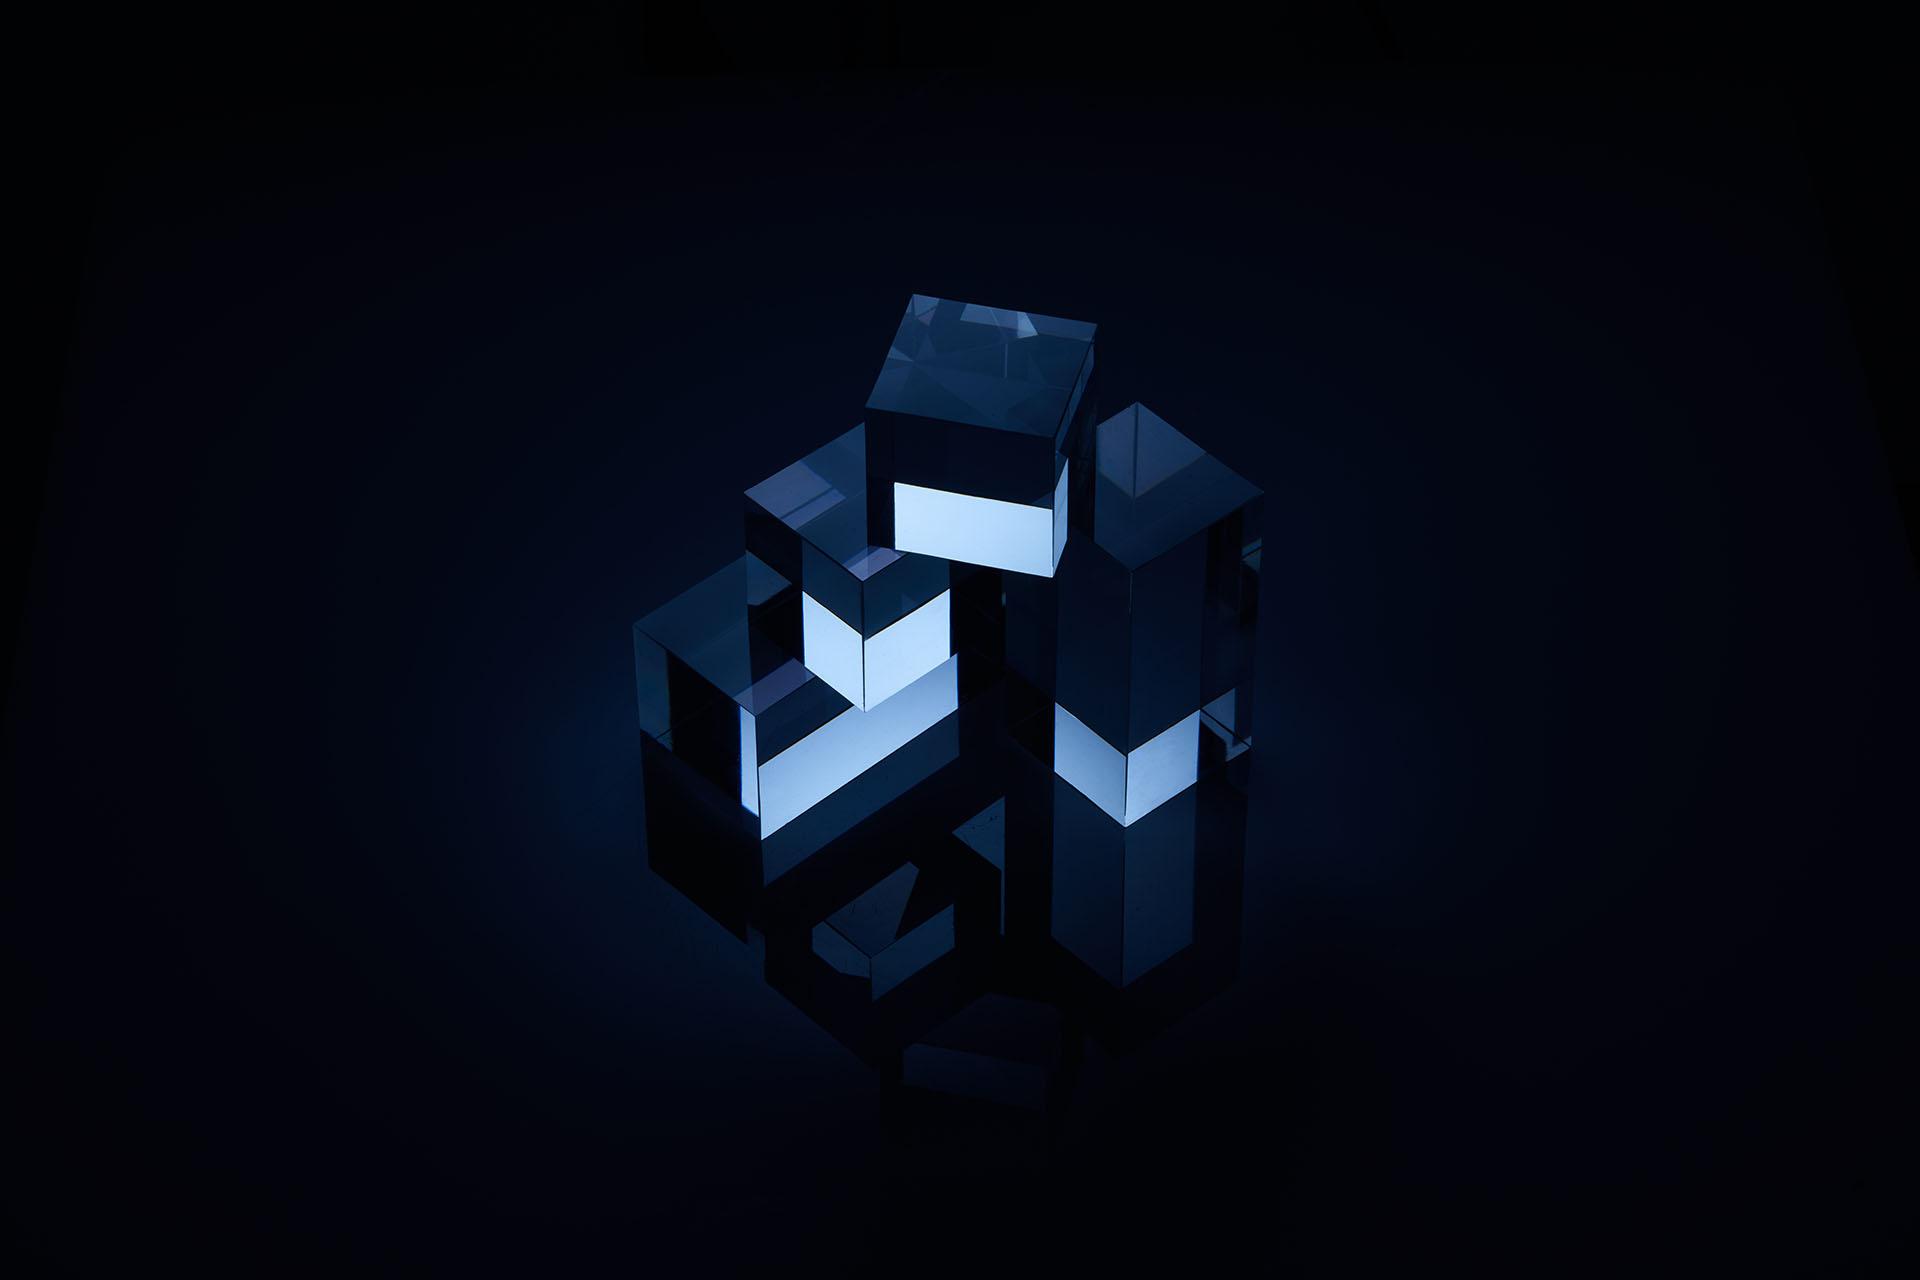 Blue Cubes 2